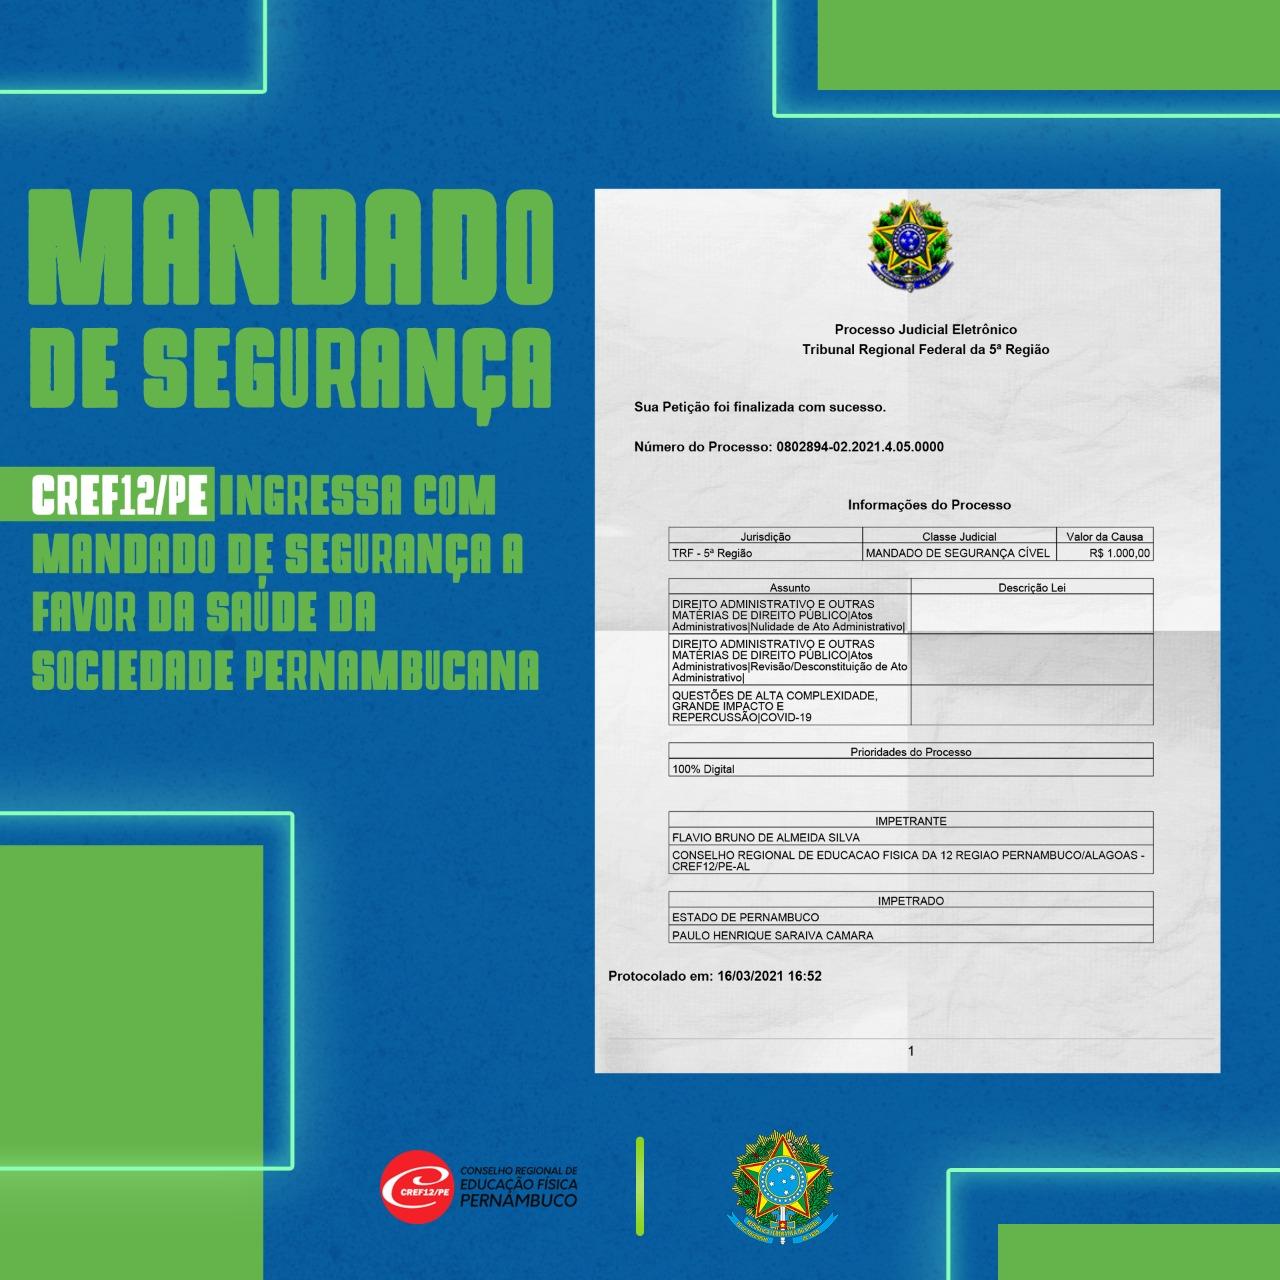 CREF12/PE ingressa com Mandado de Segurança a favor da saúde de toda sociedade pernambucana